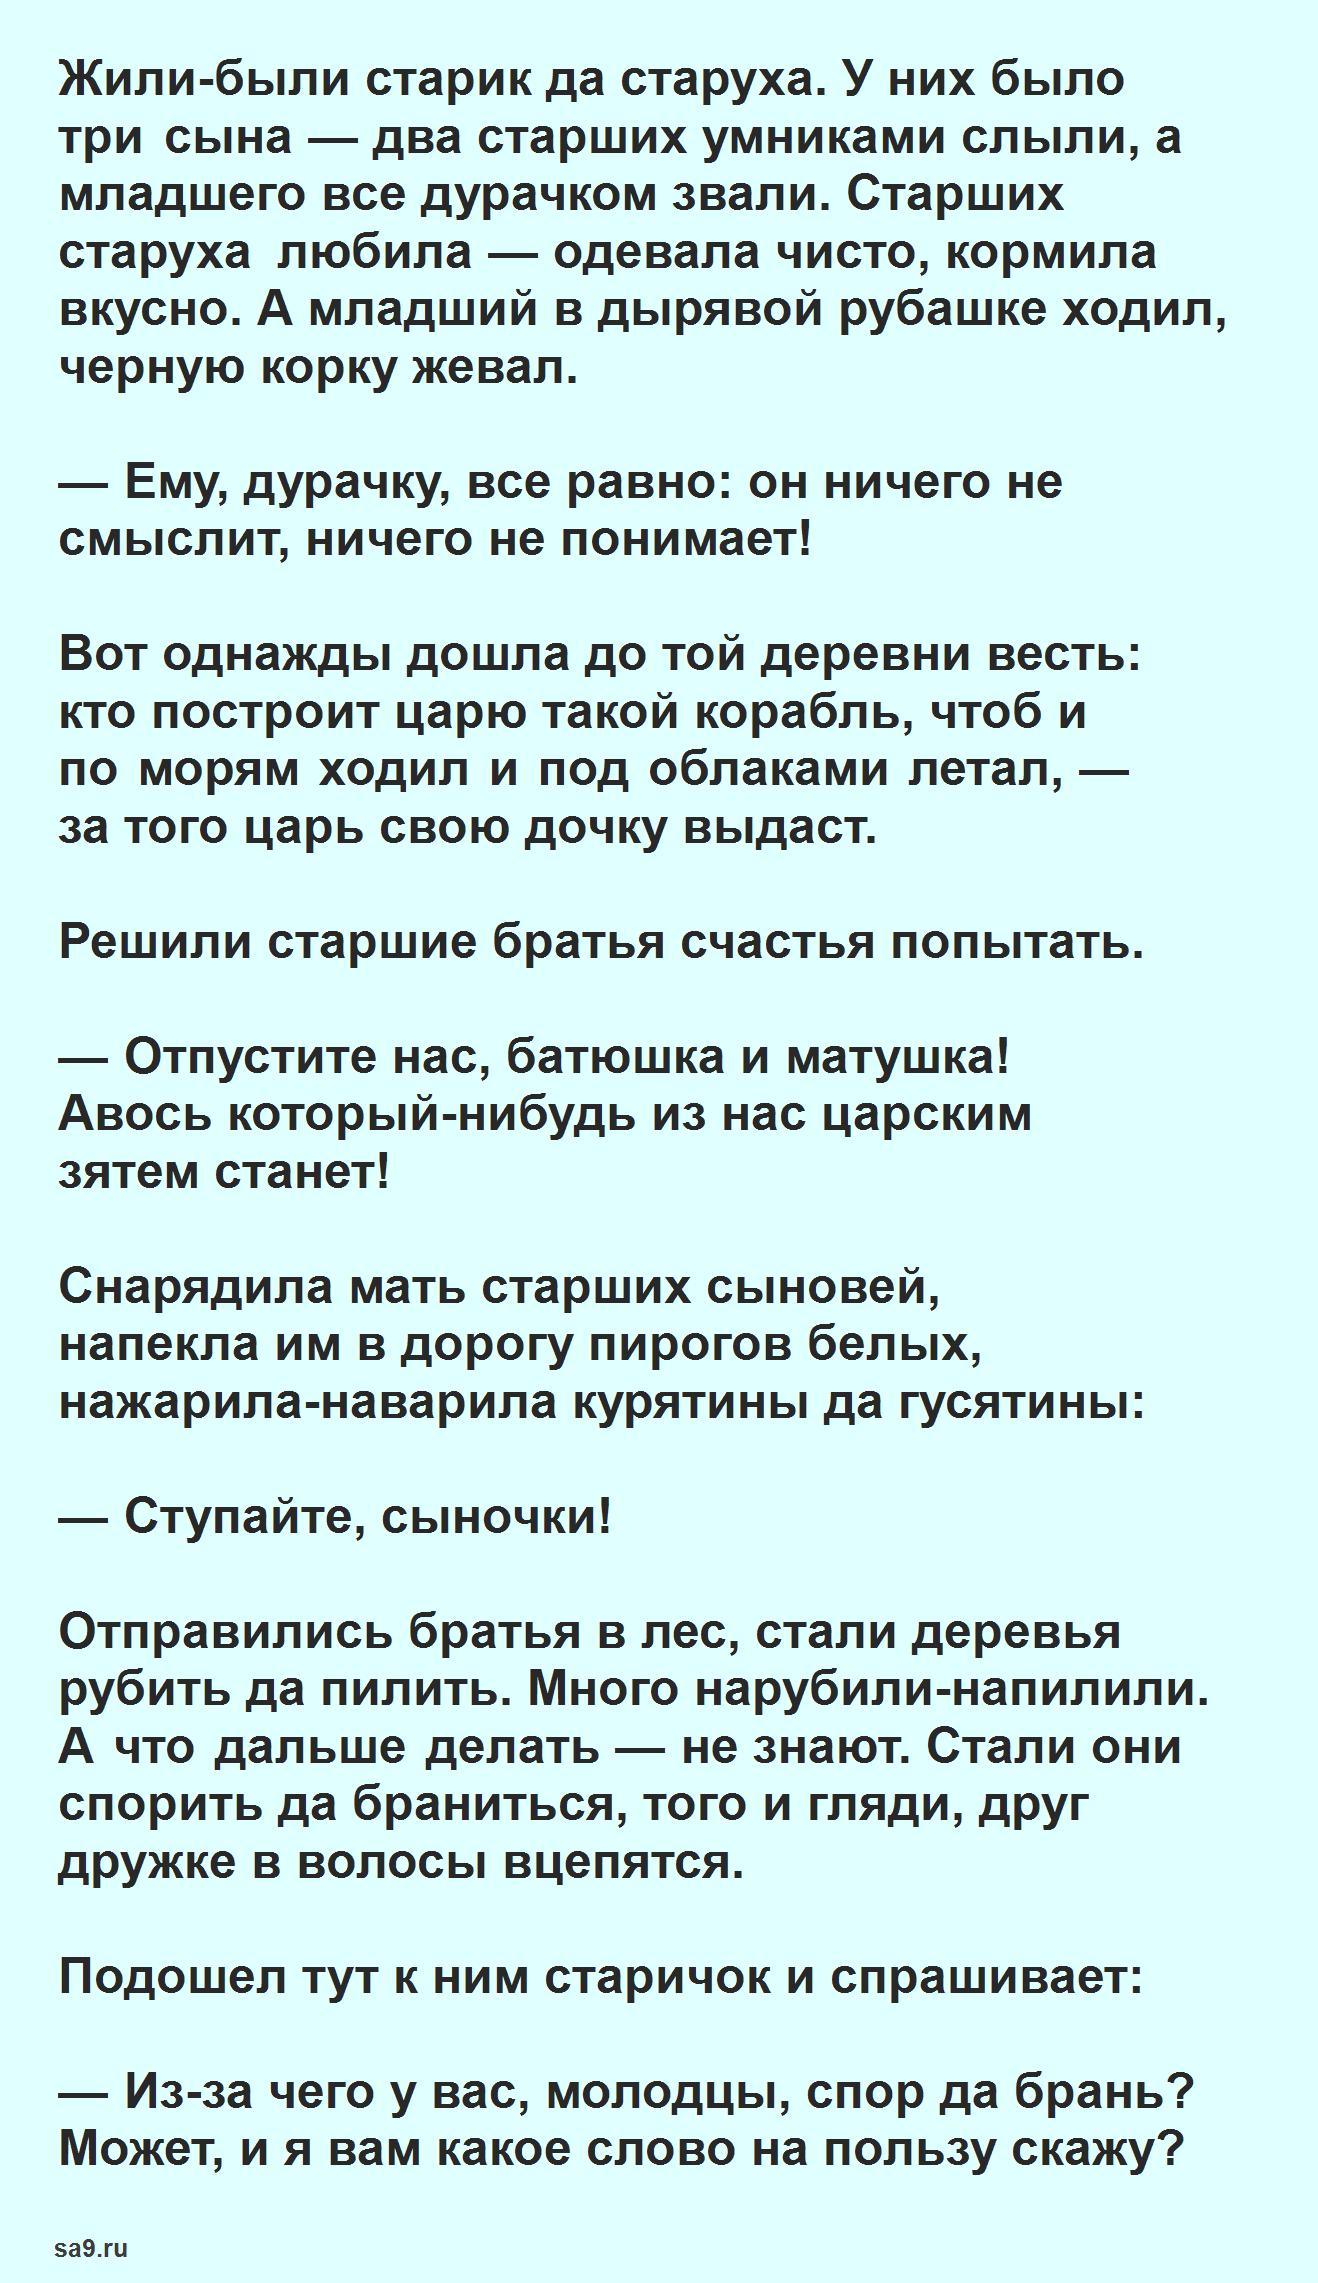 Летучий корабль - русская народная сказка